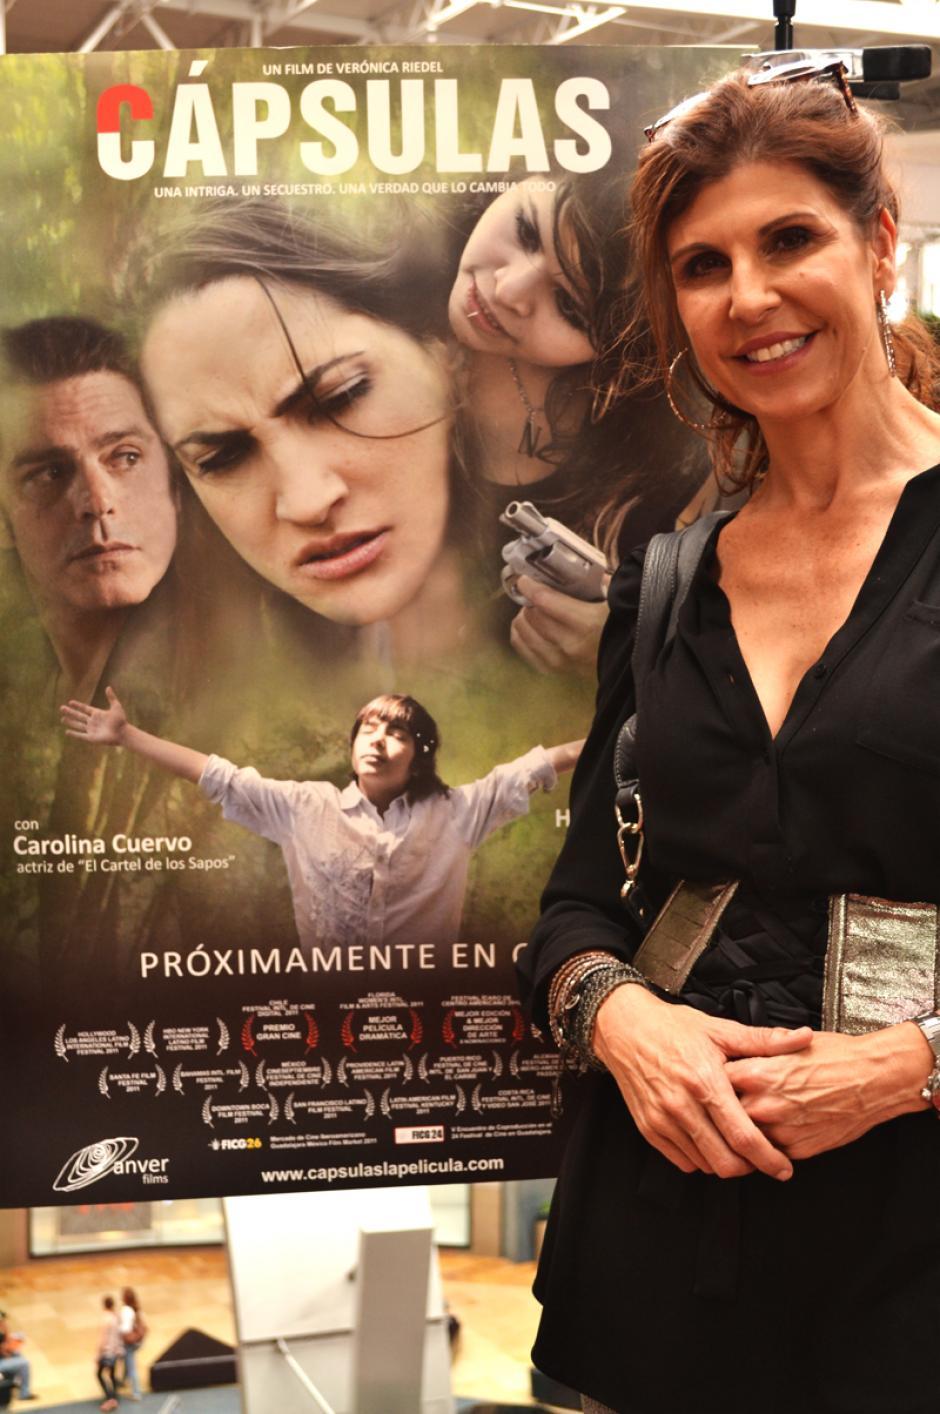 Cápsulas ha sido una de sus películas más exitosas. (Foto: haciendocineenguatemala.org)